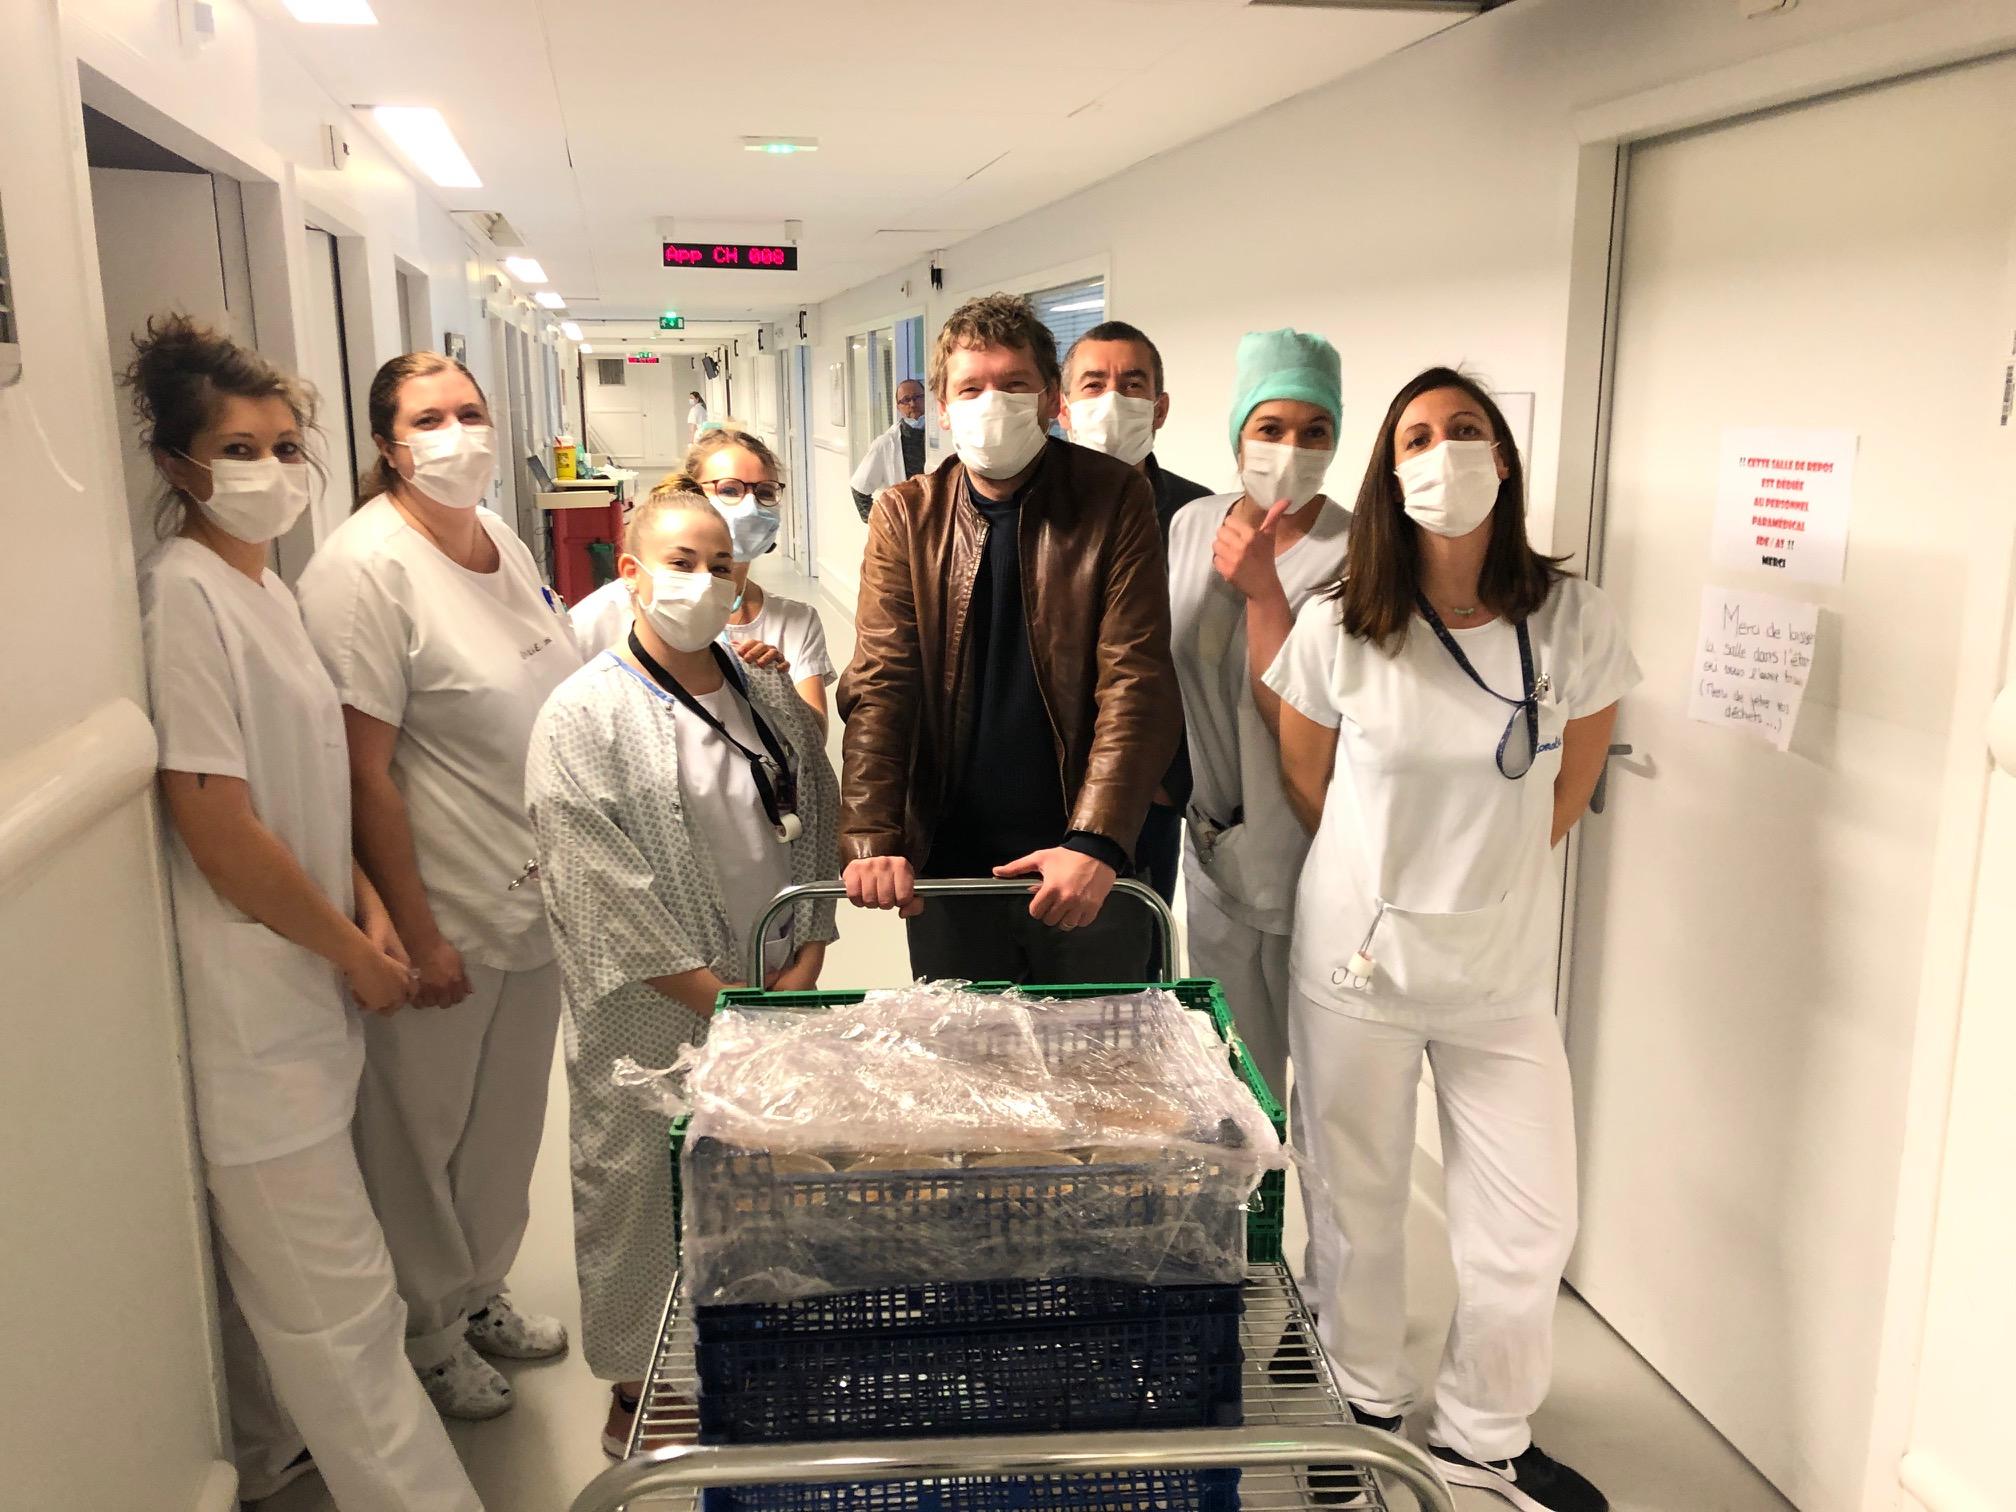 Belles Gamelles à l'Hôpital Rangueil